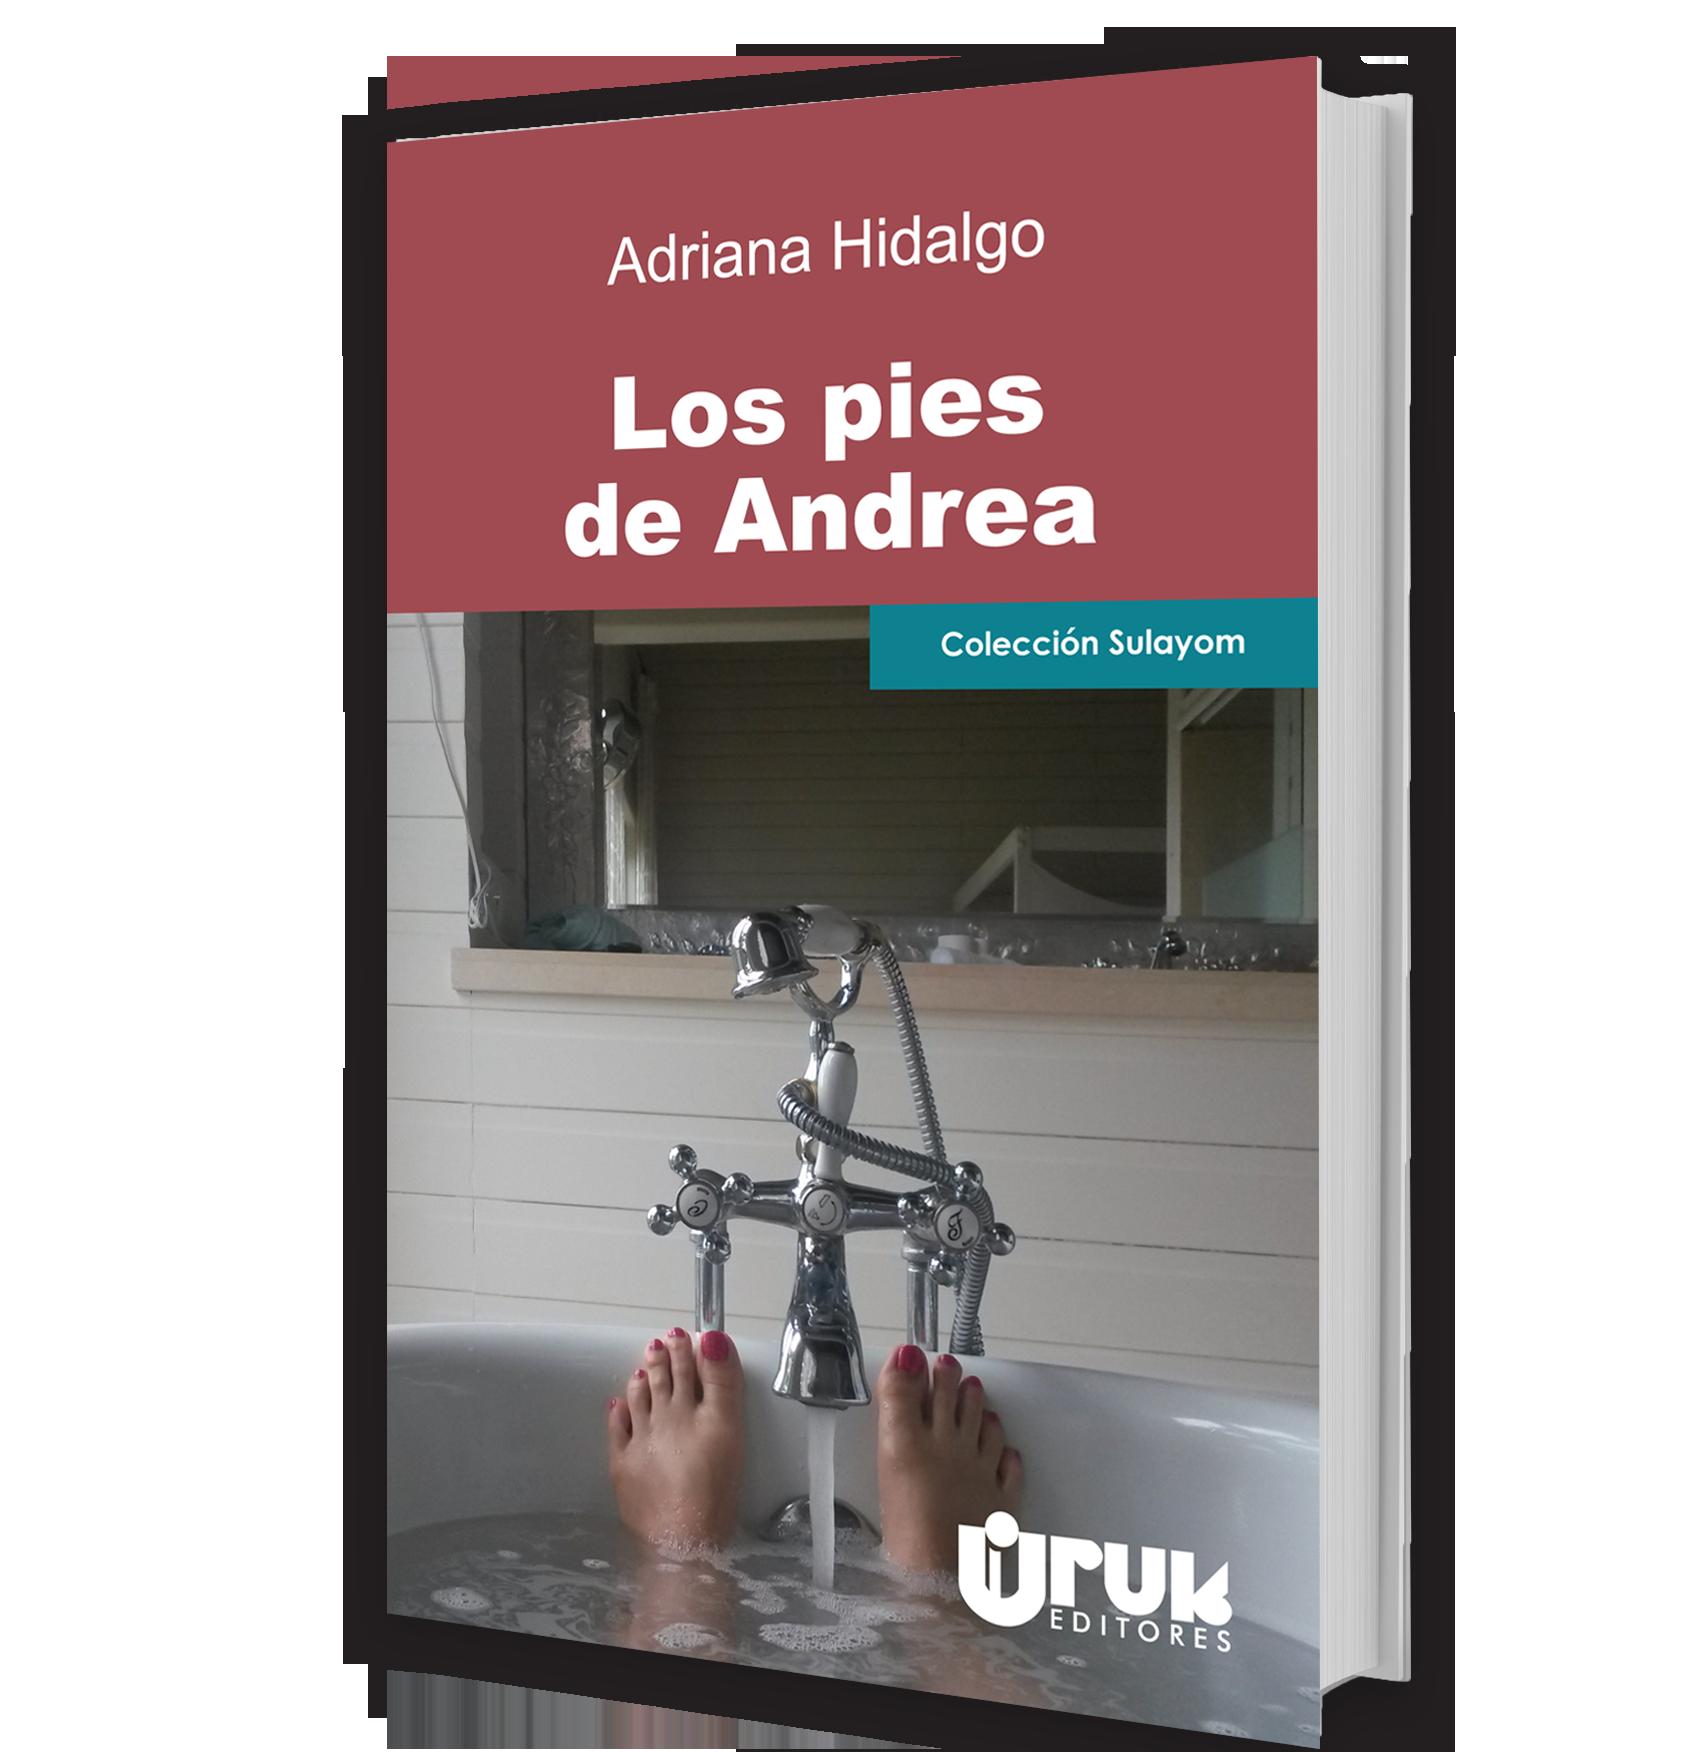 Los pies de Andrea